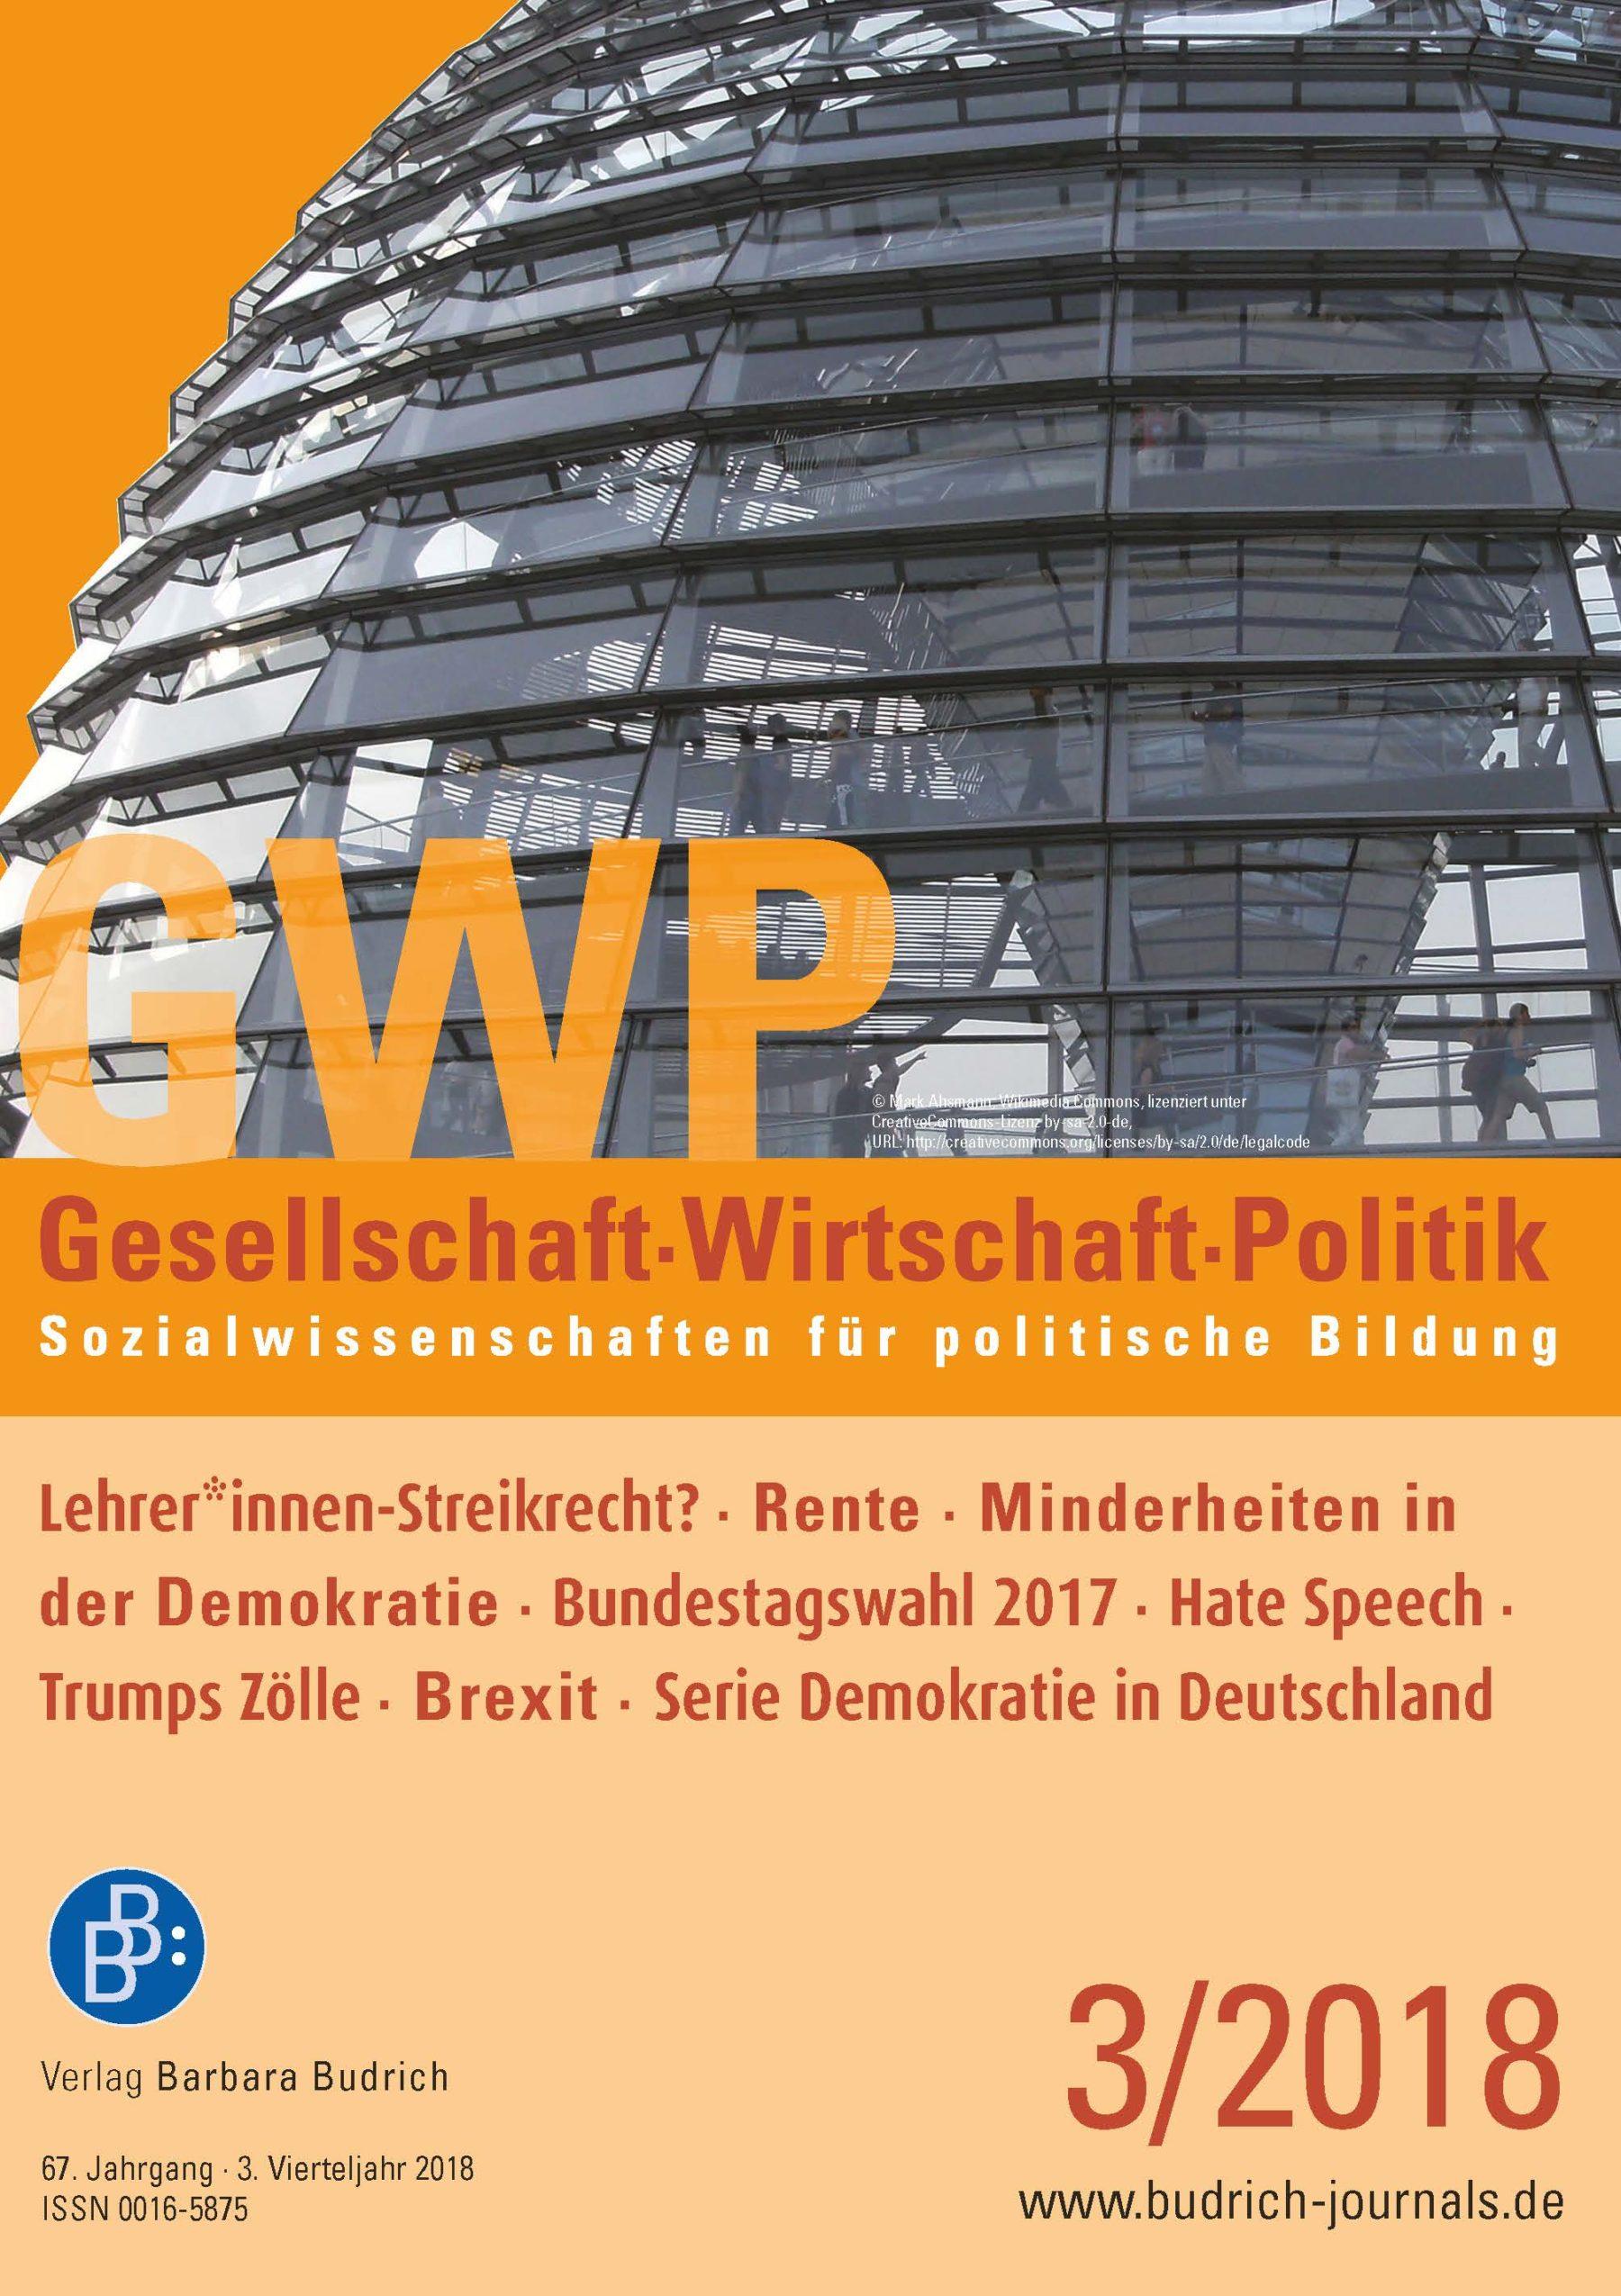 GWP 3-2018 | Lehrer*innen-Streikrecht? · Rente · Minderheiten in der Demokratie · Bundestagswahl 2017 · Hate Speech · Trumps Zölle · Brexit · Serie Demokratie in Deutschland